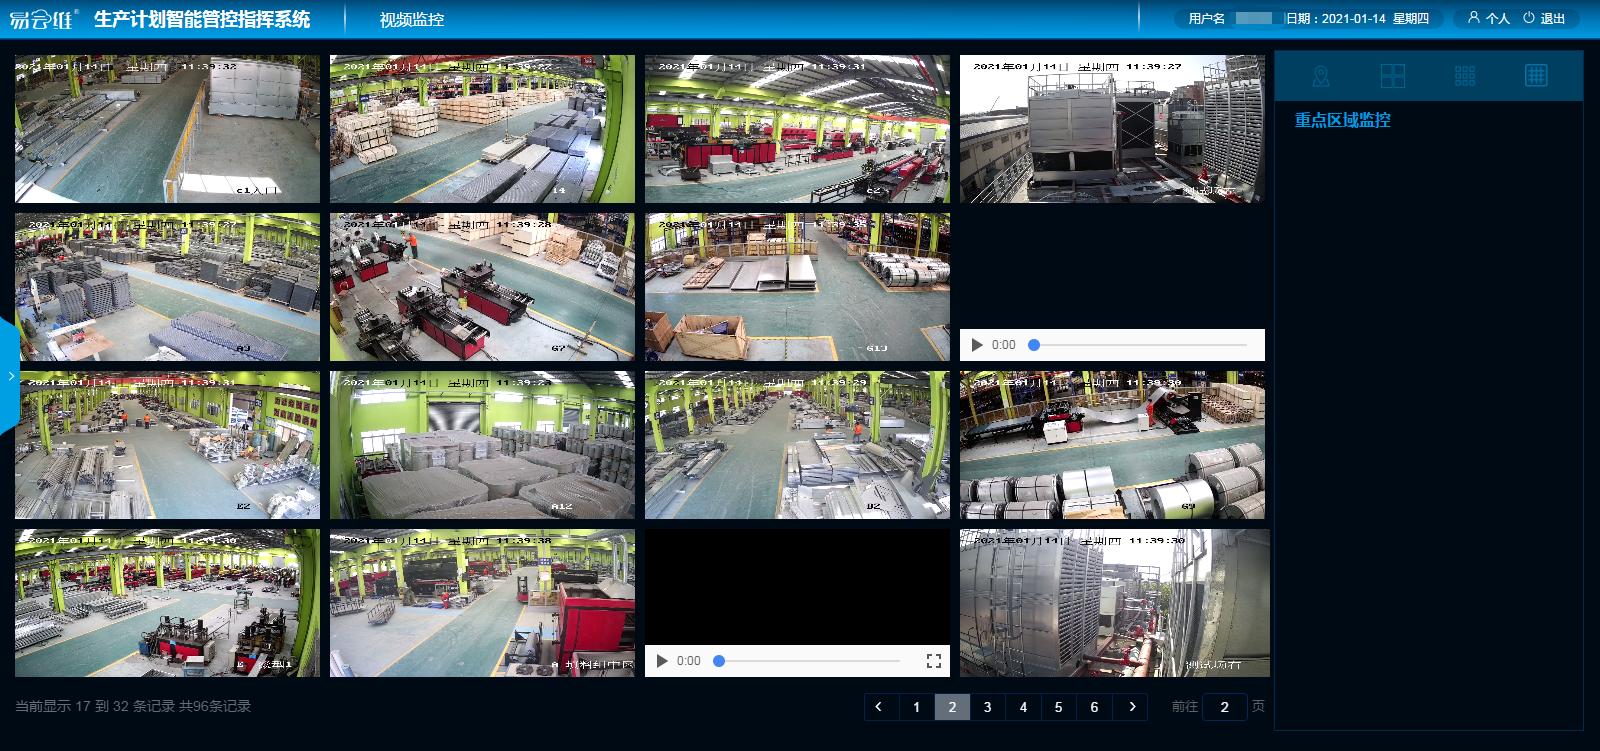 物联网大数据背景下,工厂管理怎么做到可视化运维